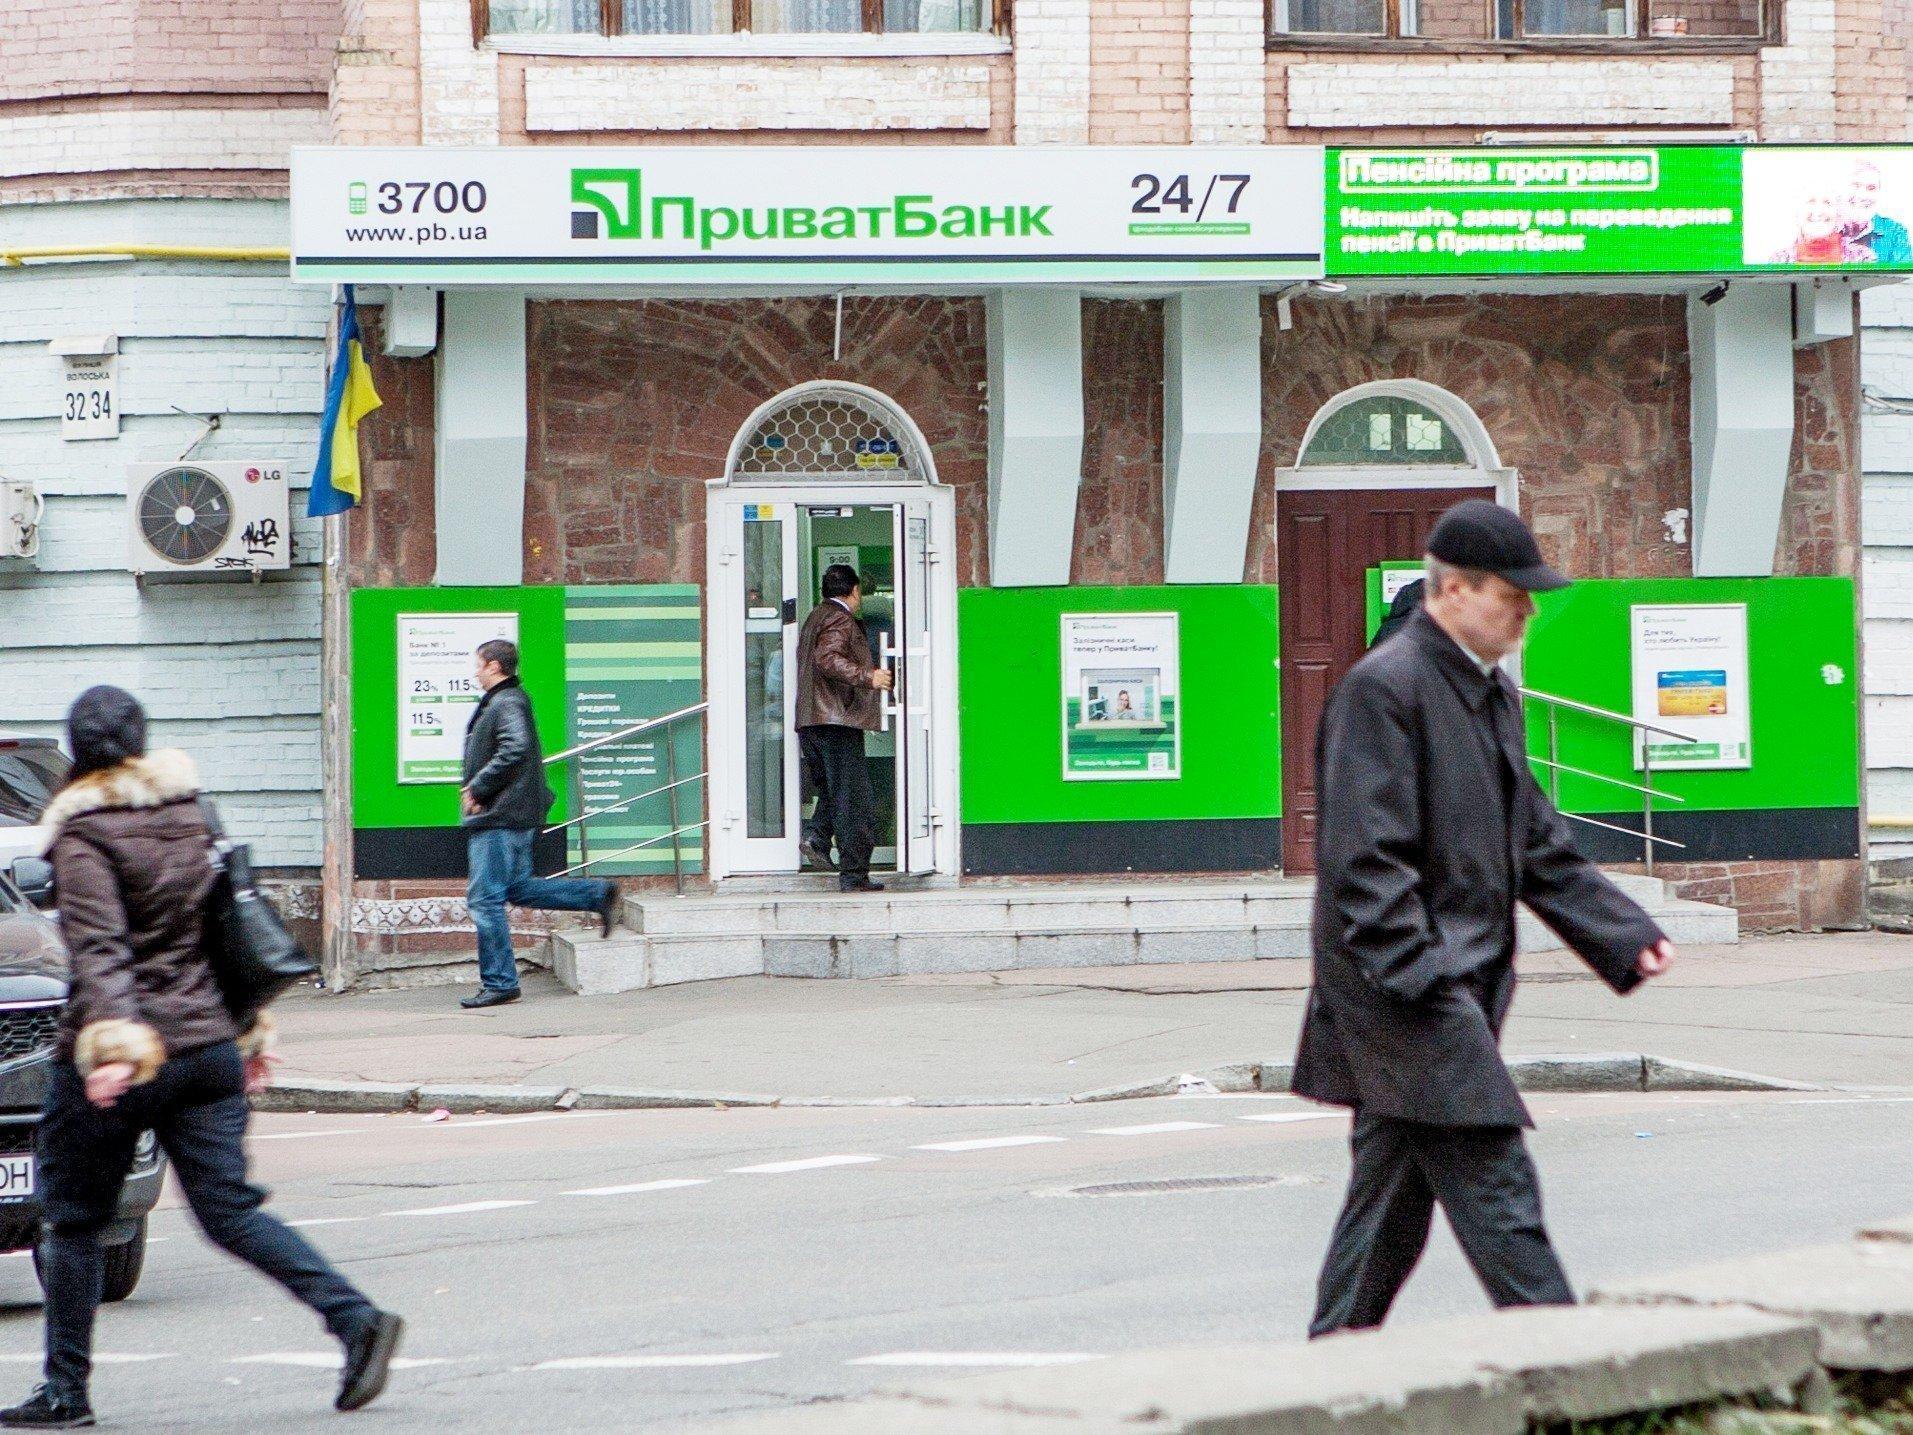 Экс-руководство: Гонтарева сменила правила игры ради уничтожения «Приватбанка»